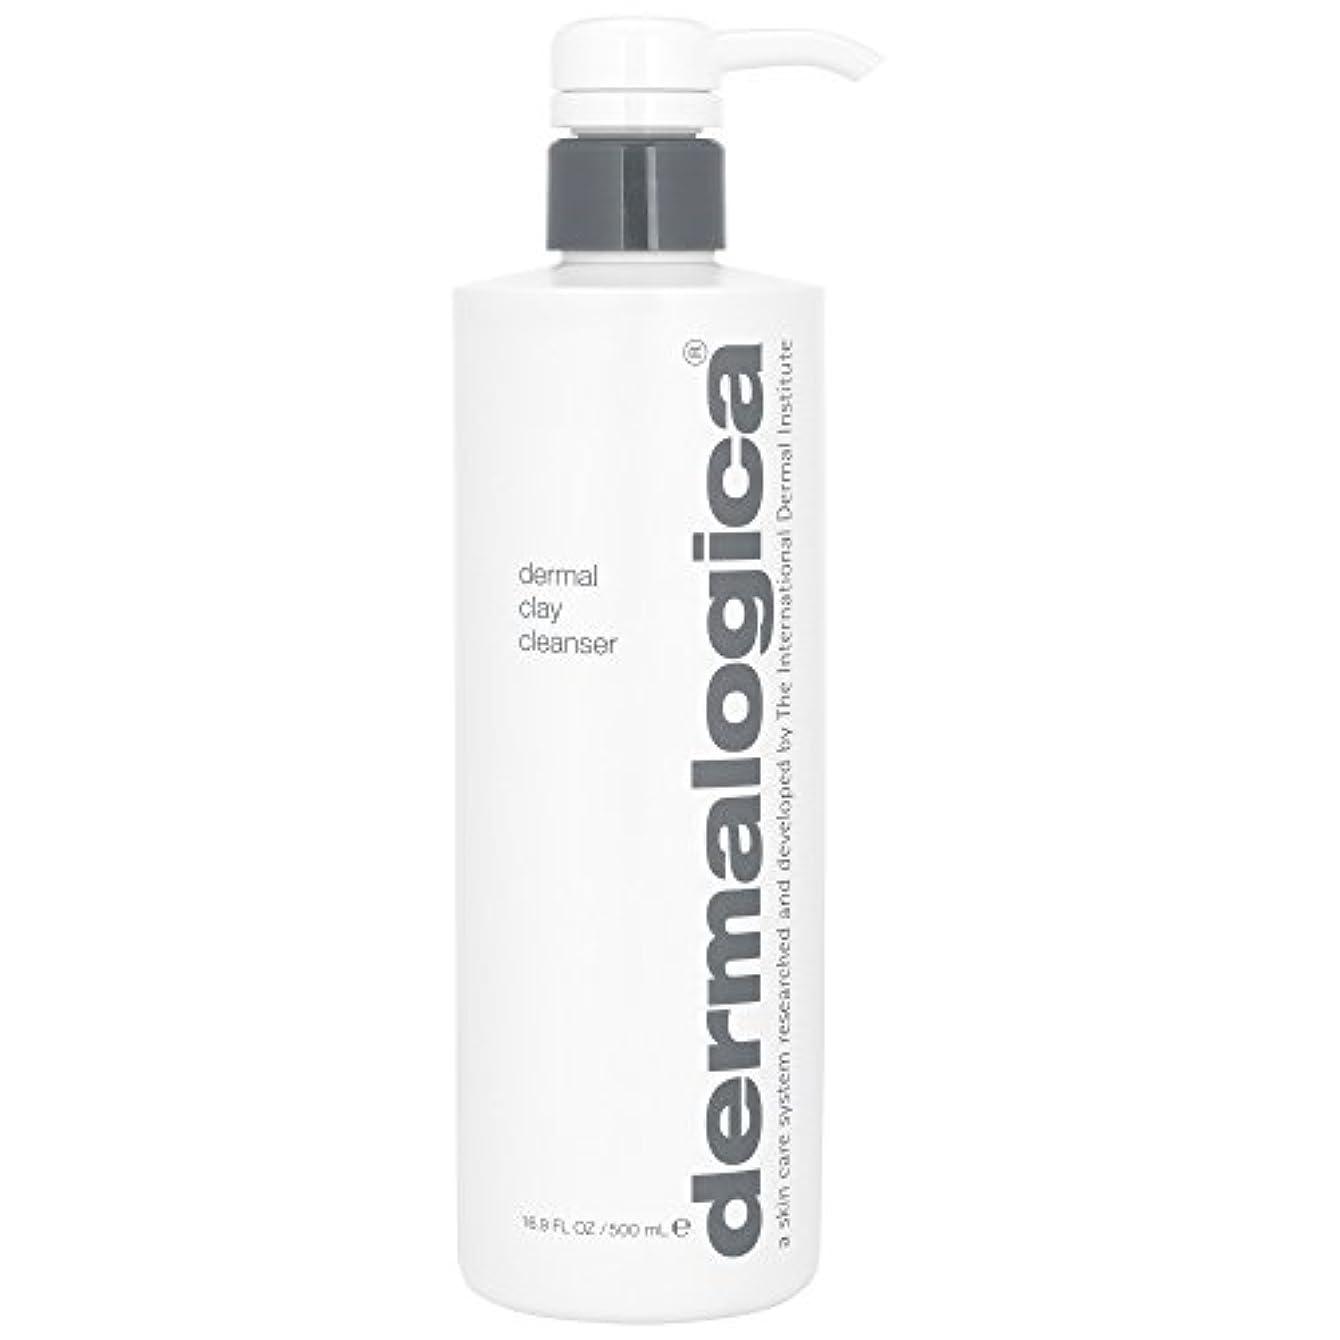 同性愛者崇拝するポーンダーマロジカ真皮クレイクレンザー500ミリリットル (Dermalogica) (x6) - Dermalogica Dermal Clay Cleanser 500ml (Pack of 6) [並行輸入品]